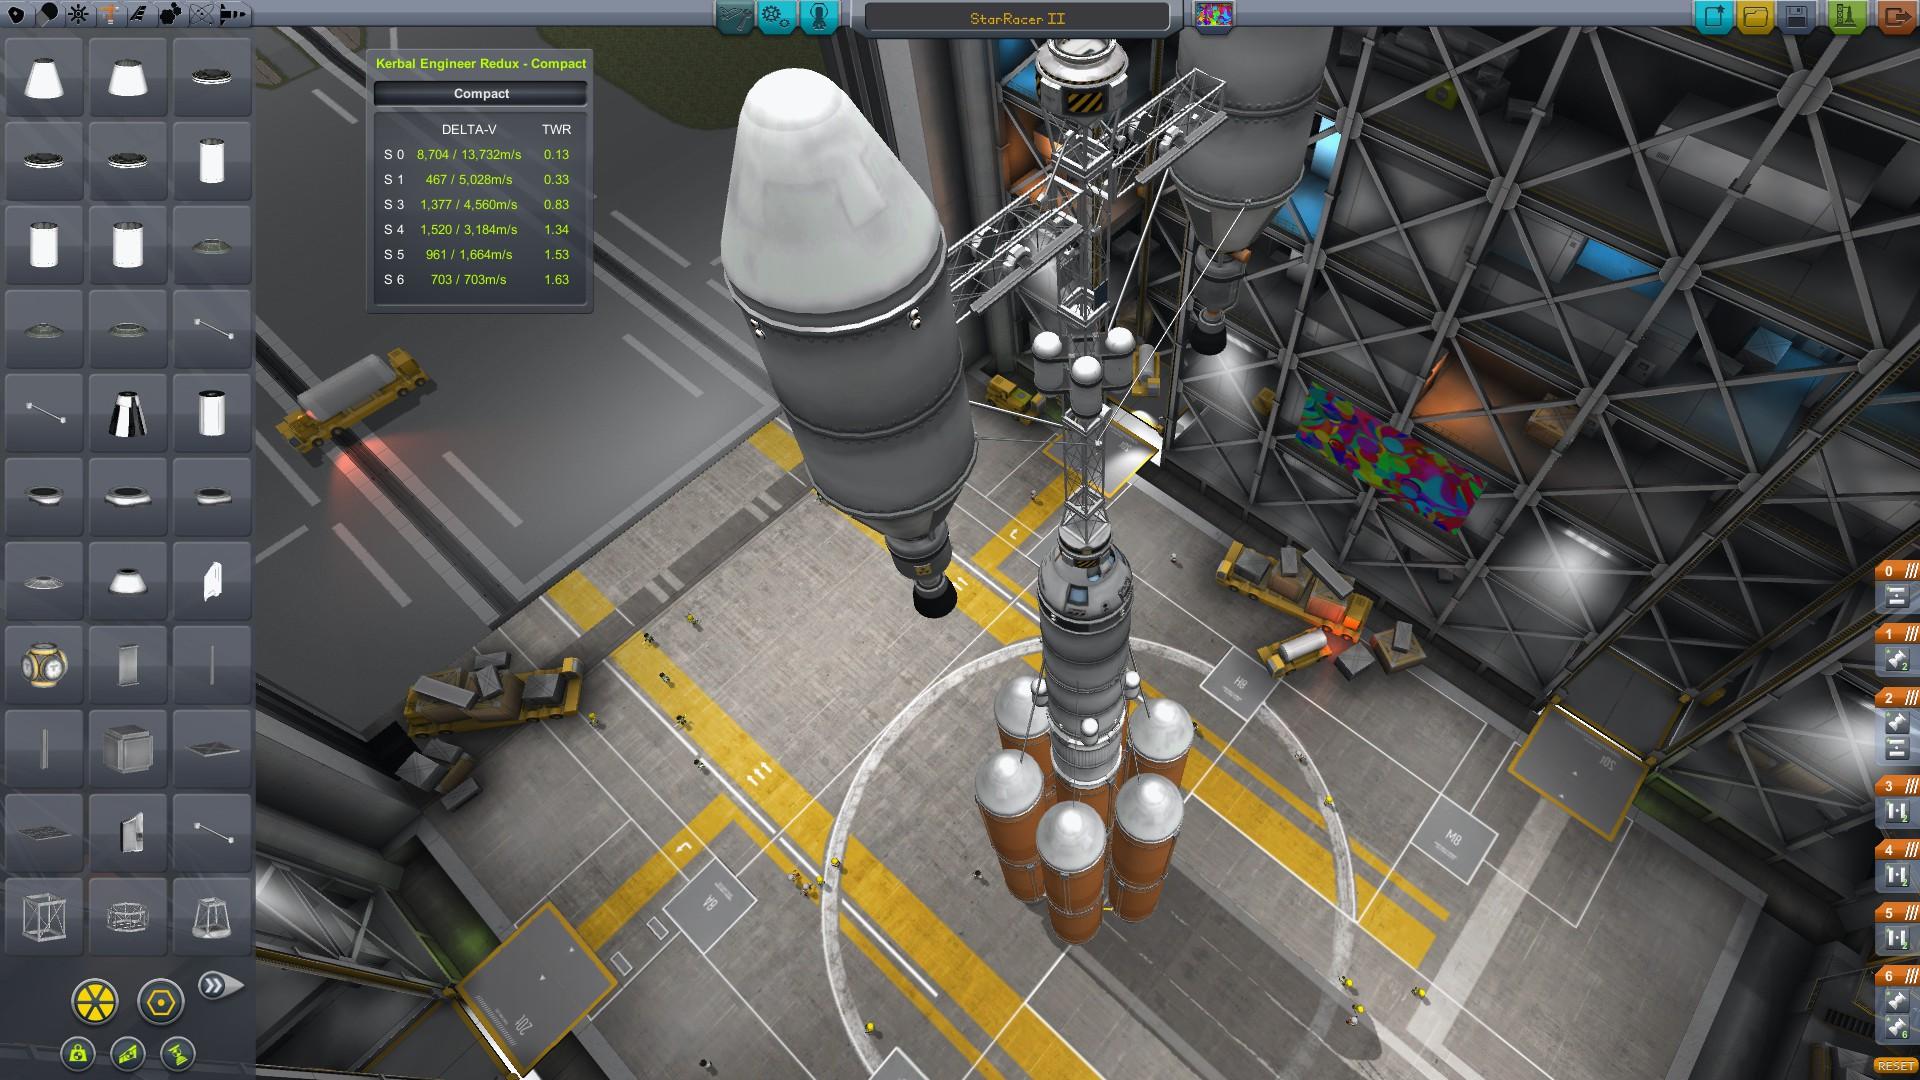 La course aux easter-eggs sur le forum Kerbal Space Program